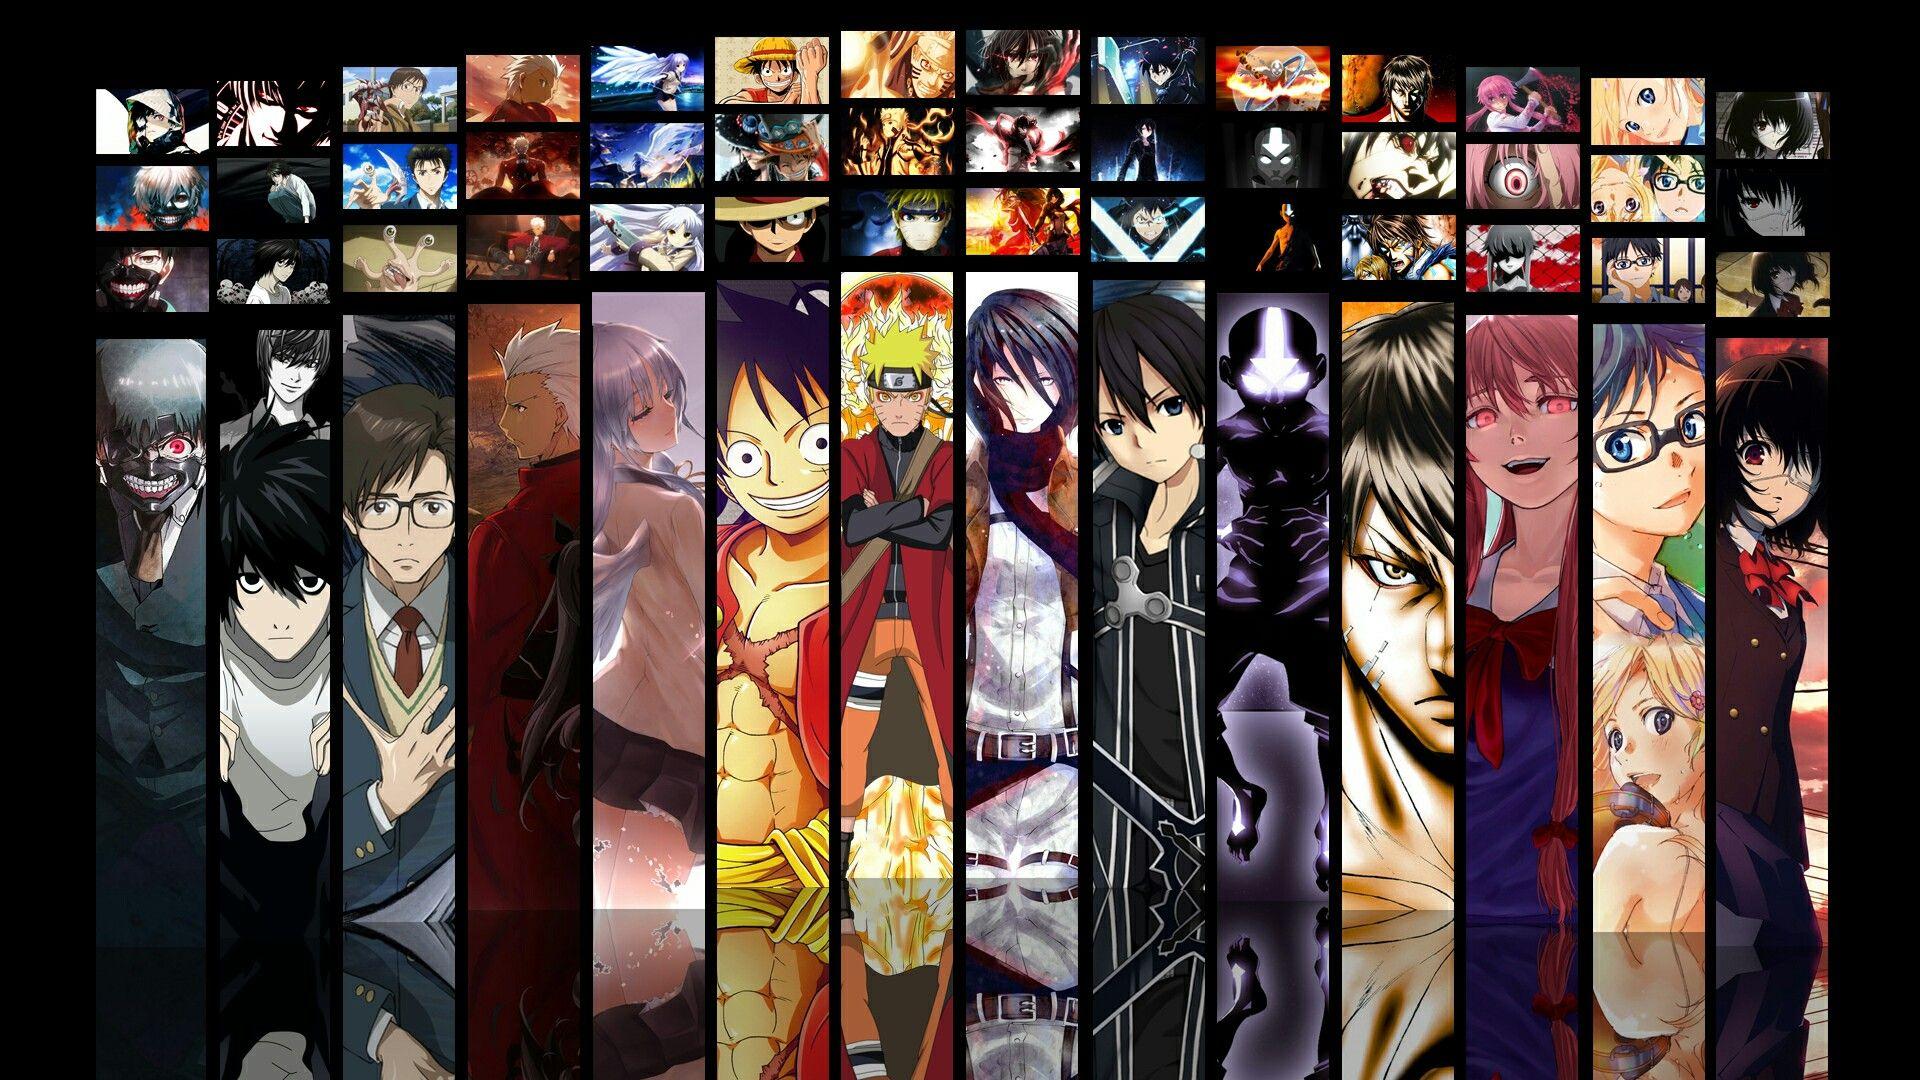 épinglé Par Otaku Itachi Sur Anime Pinterest Anime Collage Et